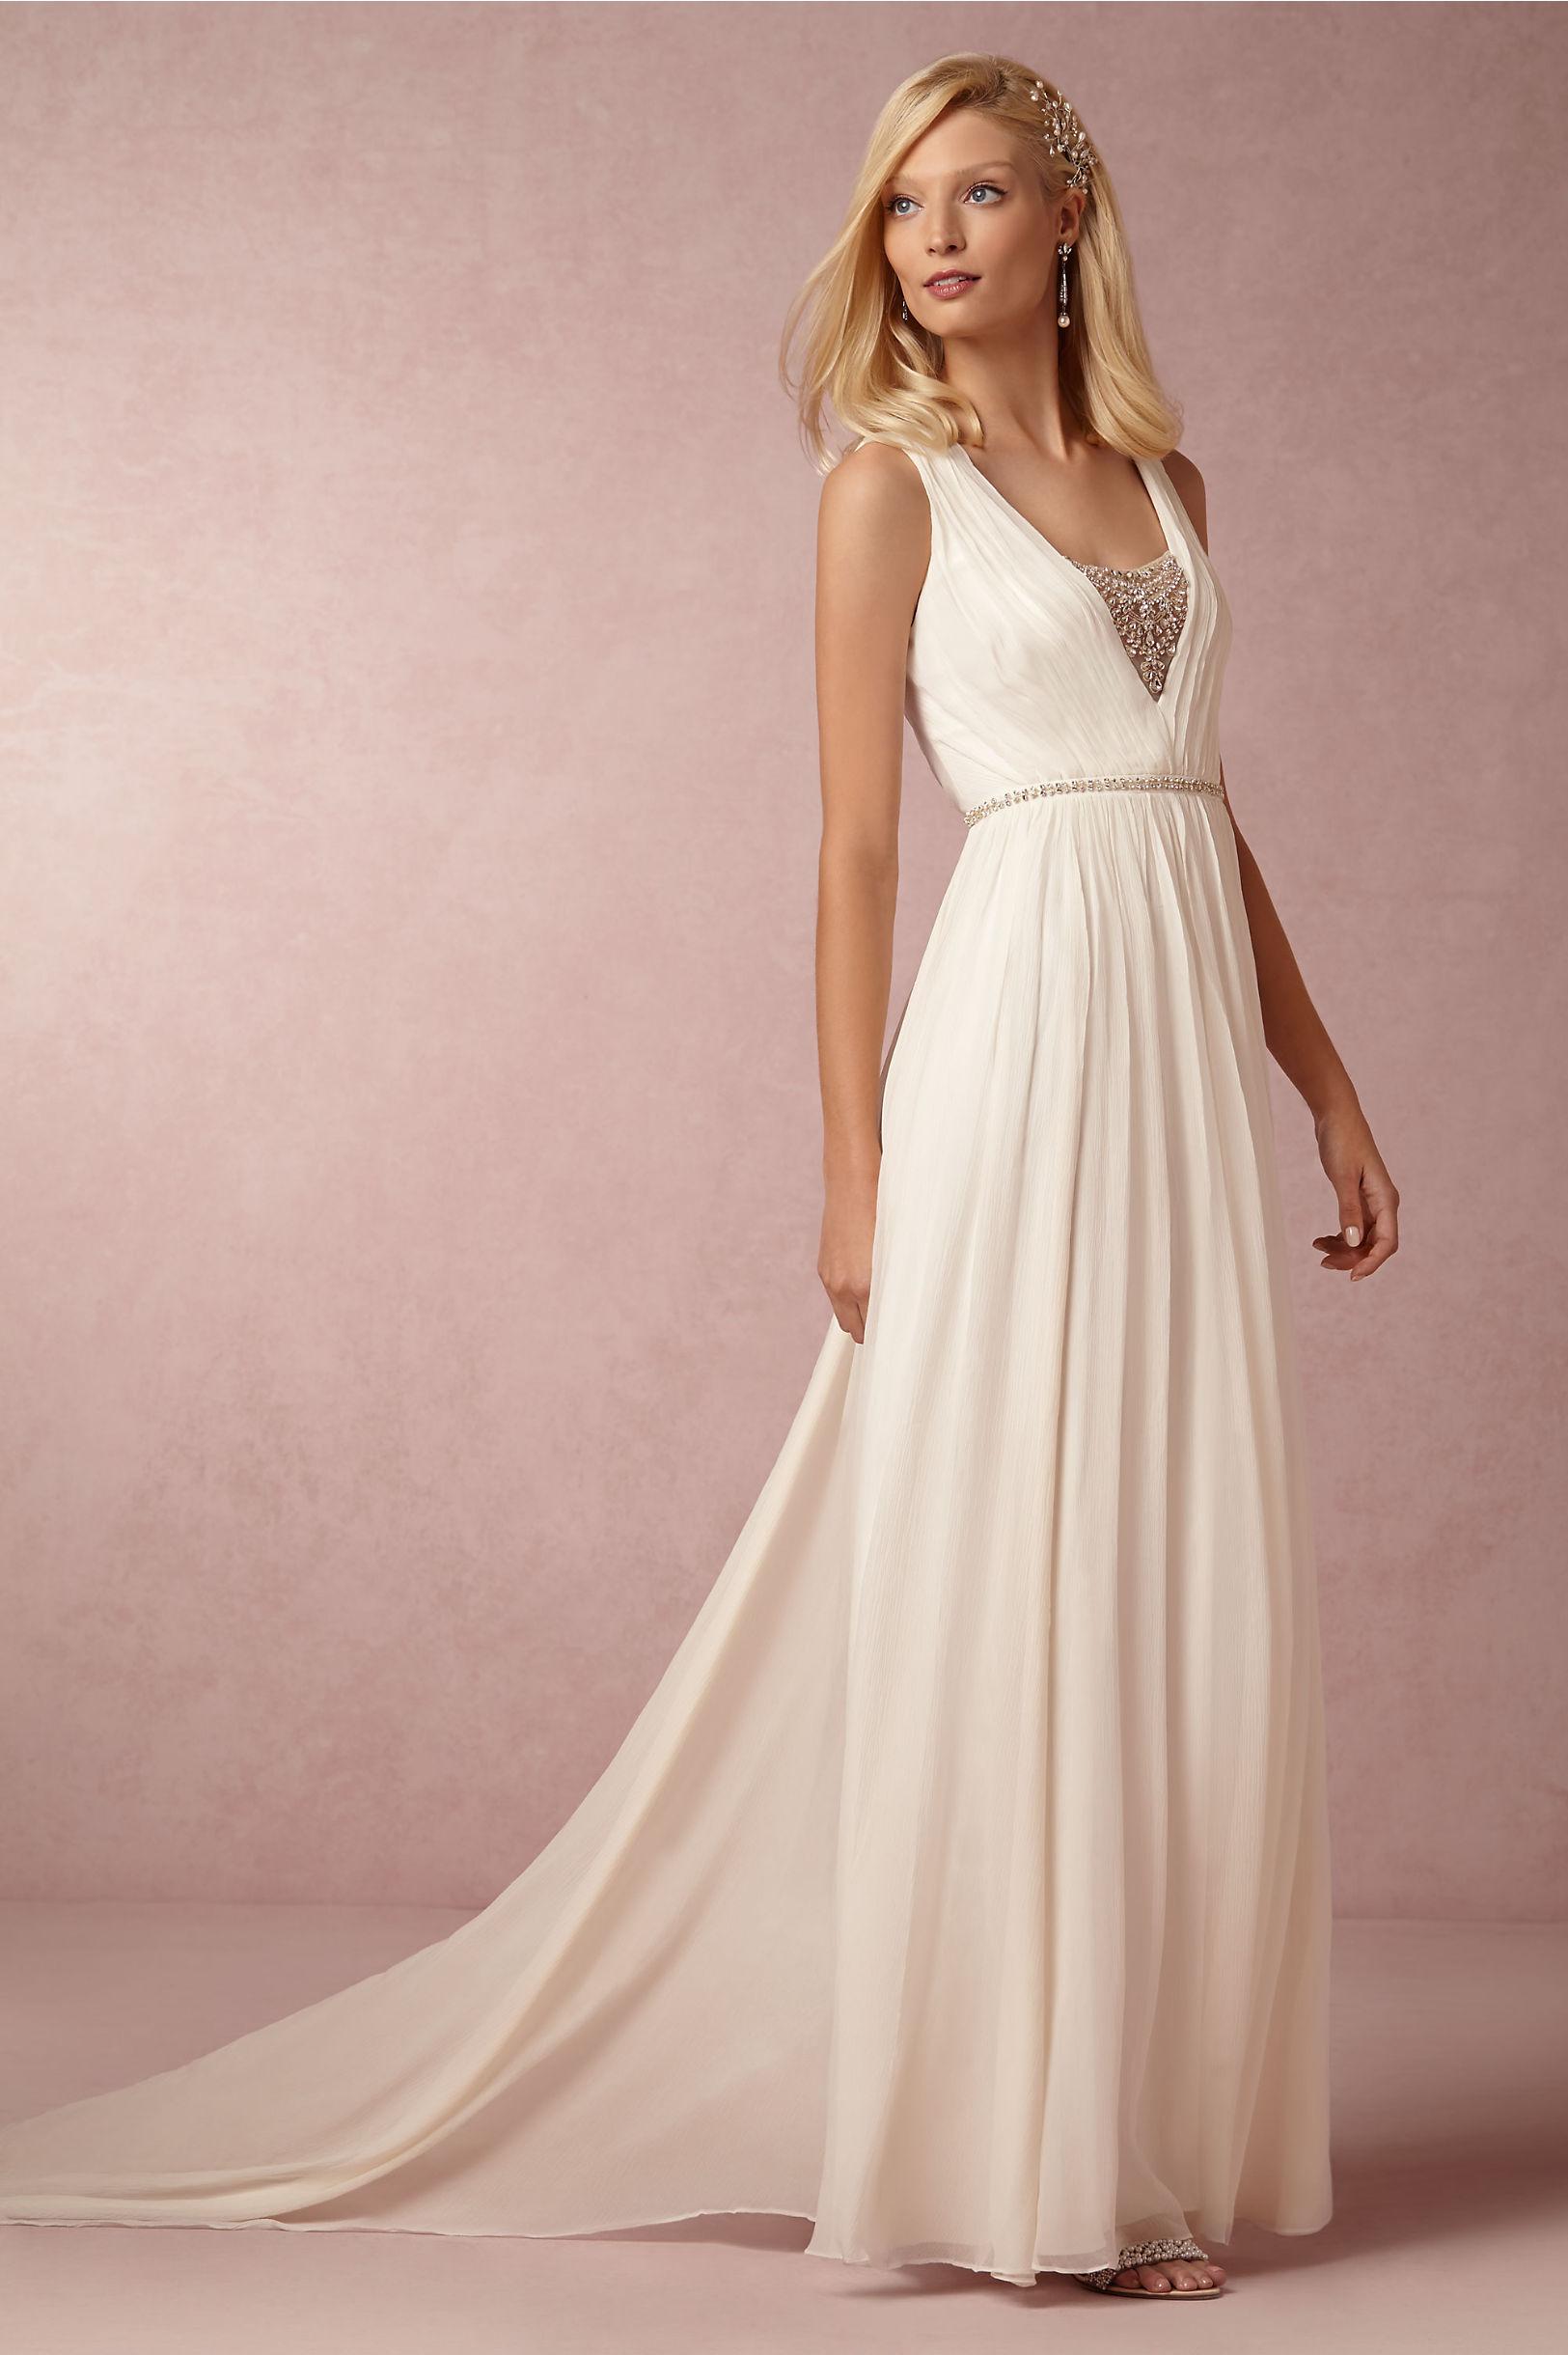 Millie gown in bride bhldn nicole miller ivory millie gown bhldn junglespirit Gallery